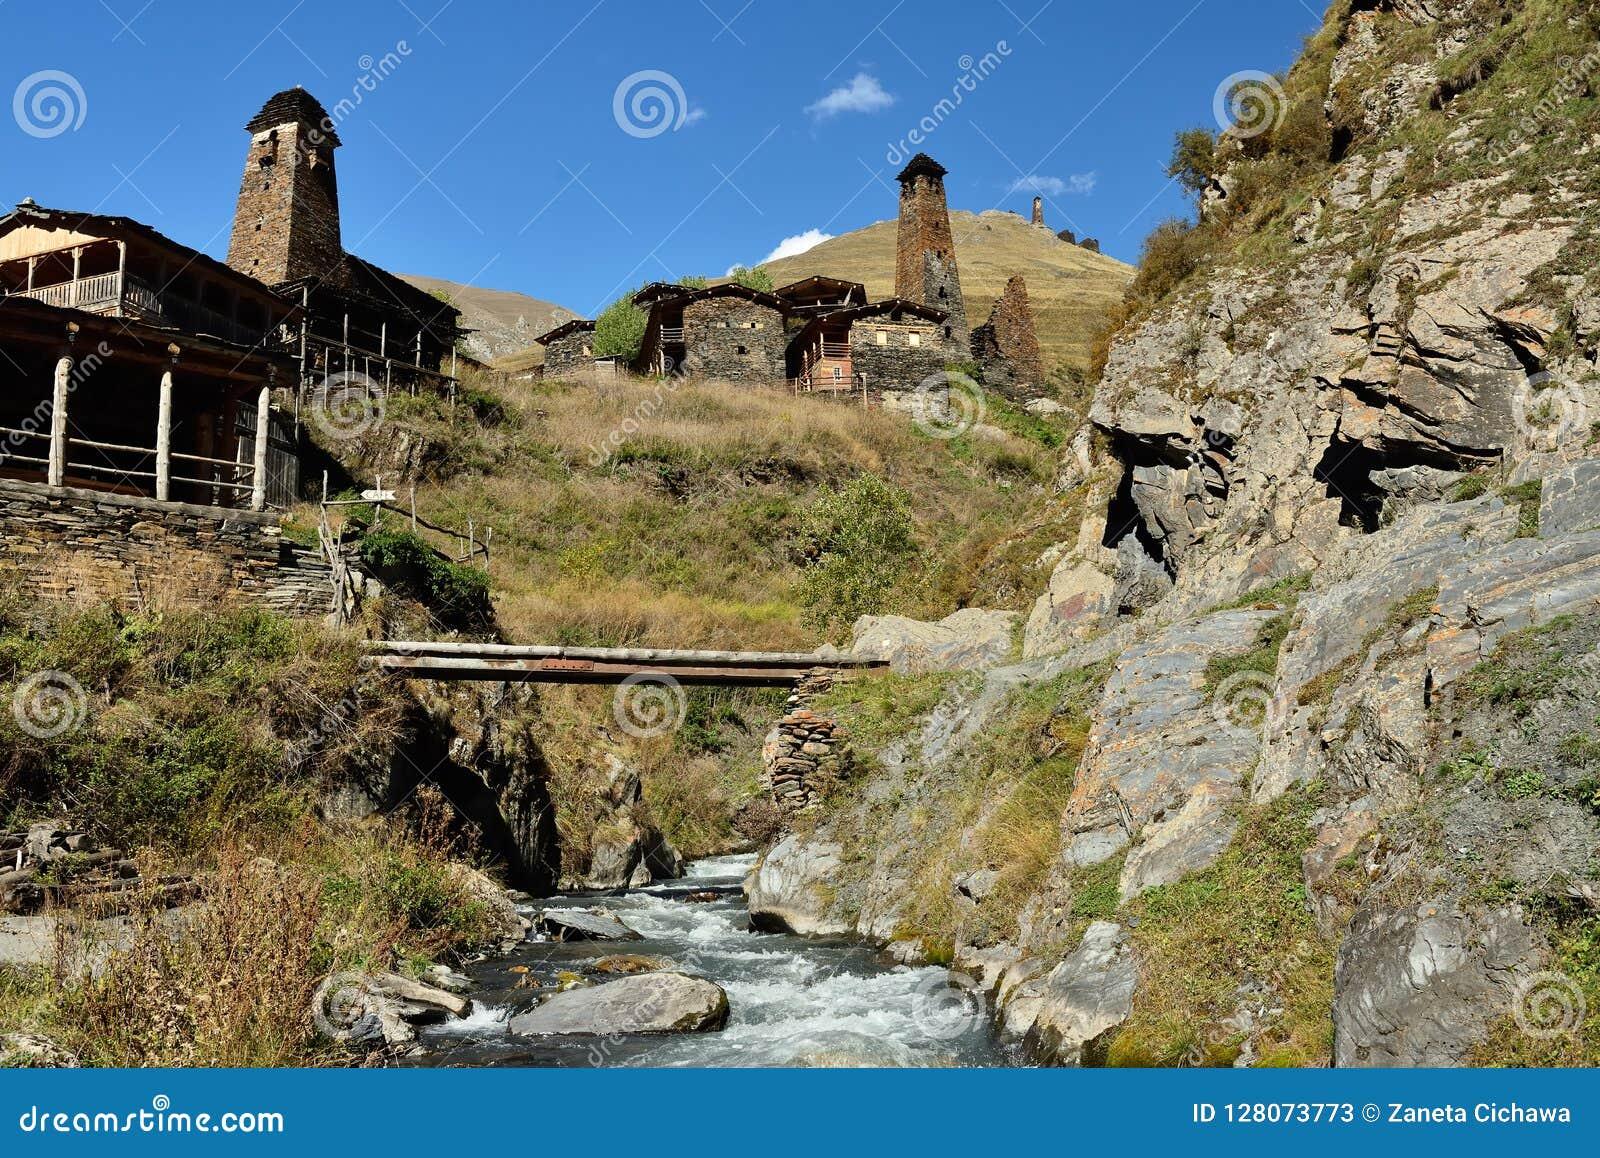 Dartlo byTusheti region Georgia